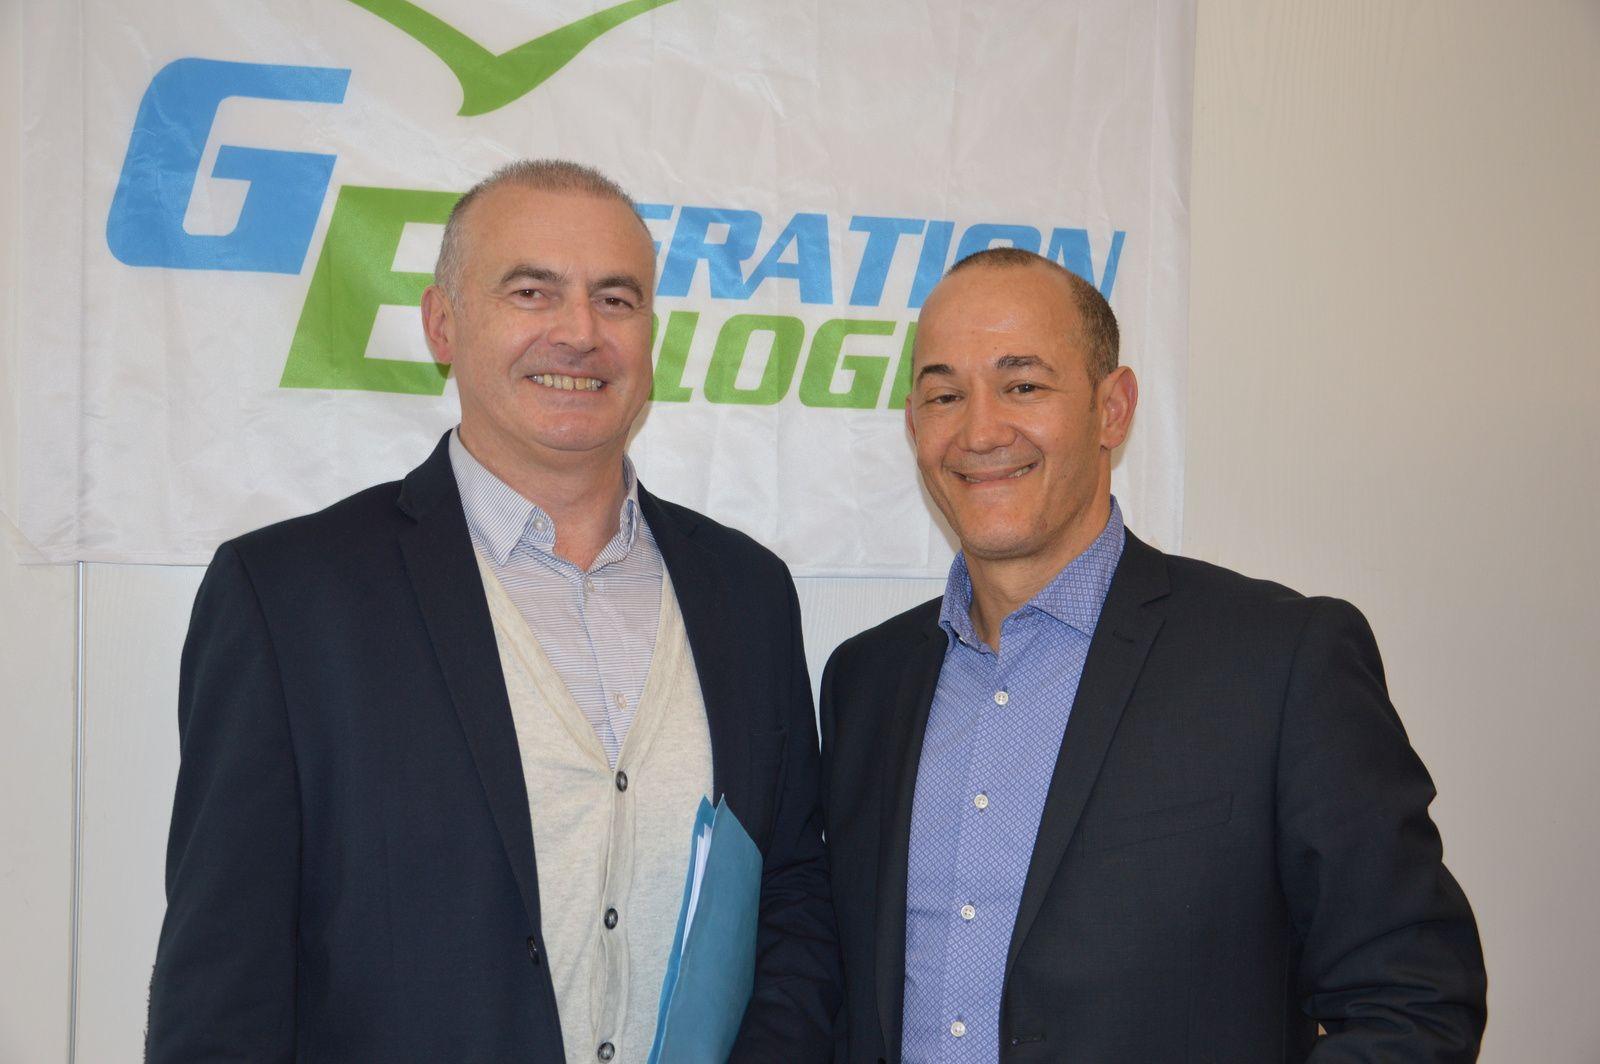 GE Loire-Atlantique et Ille-et-Vilaine, une coopération concrète et efficace !